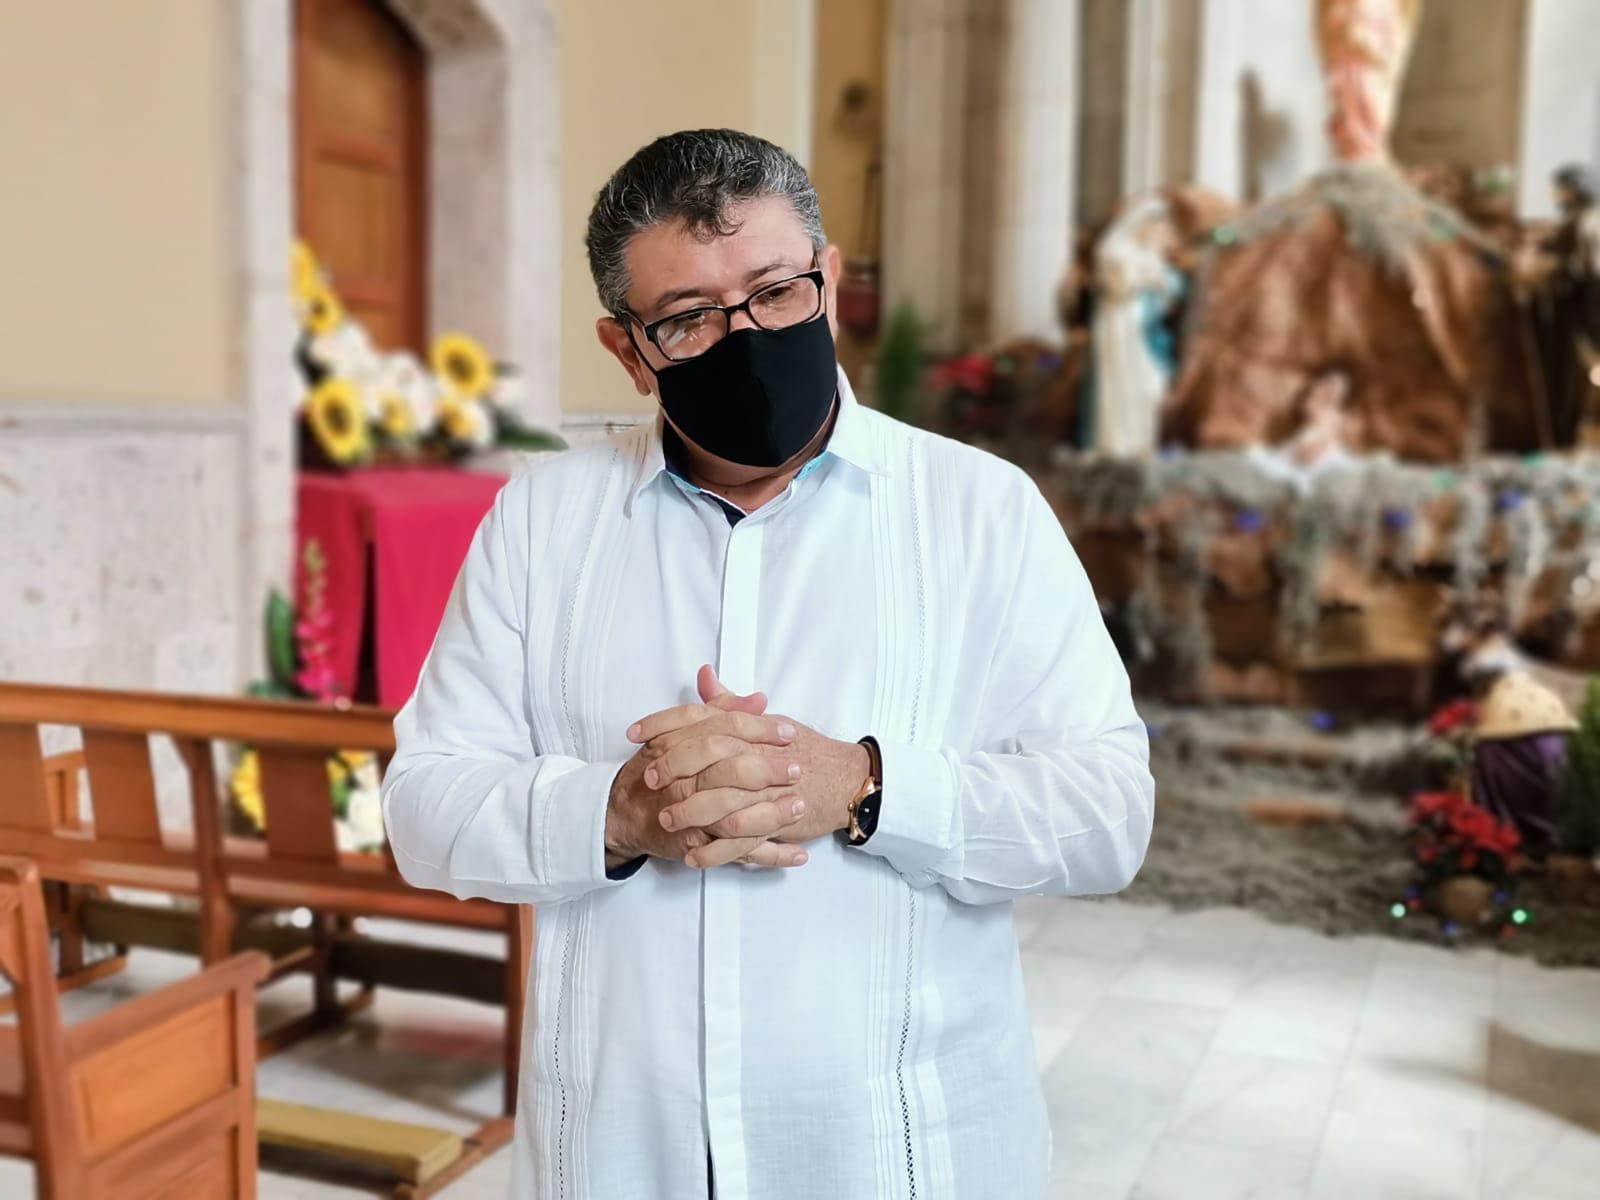 Mantendrá Iglesia Católica protocolos sanitarios a pesar del semáforo verde: Vicario General